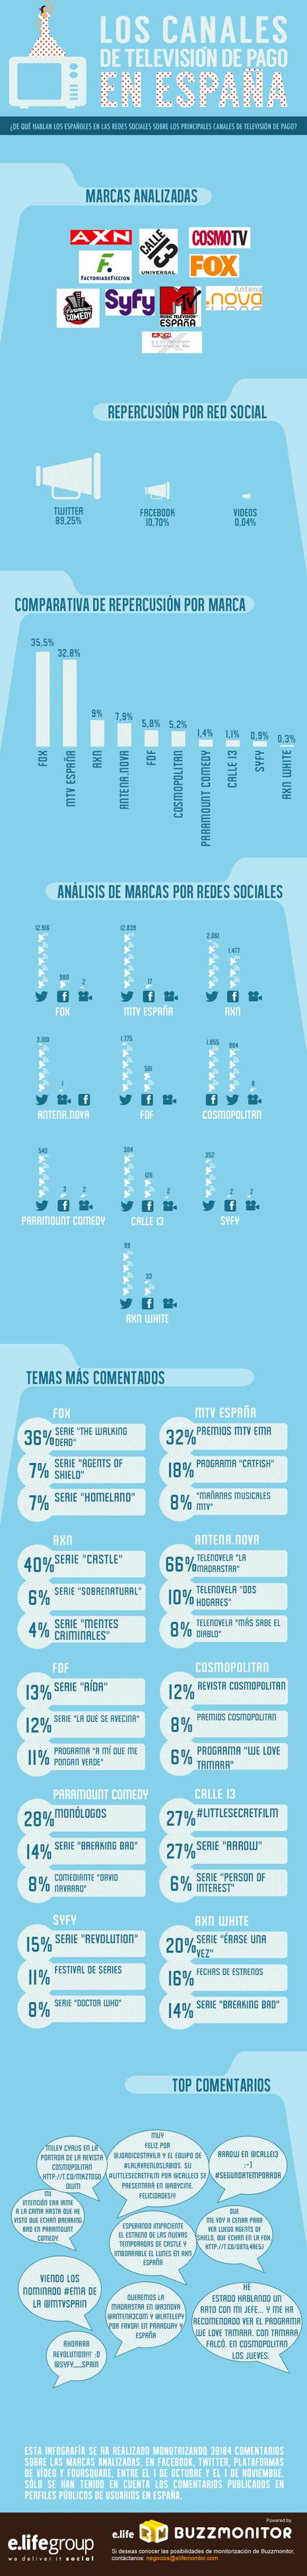 infografiacanalestv